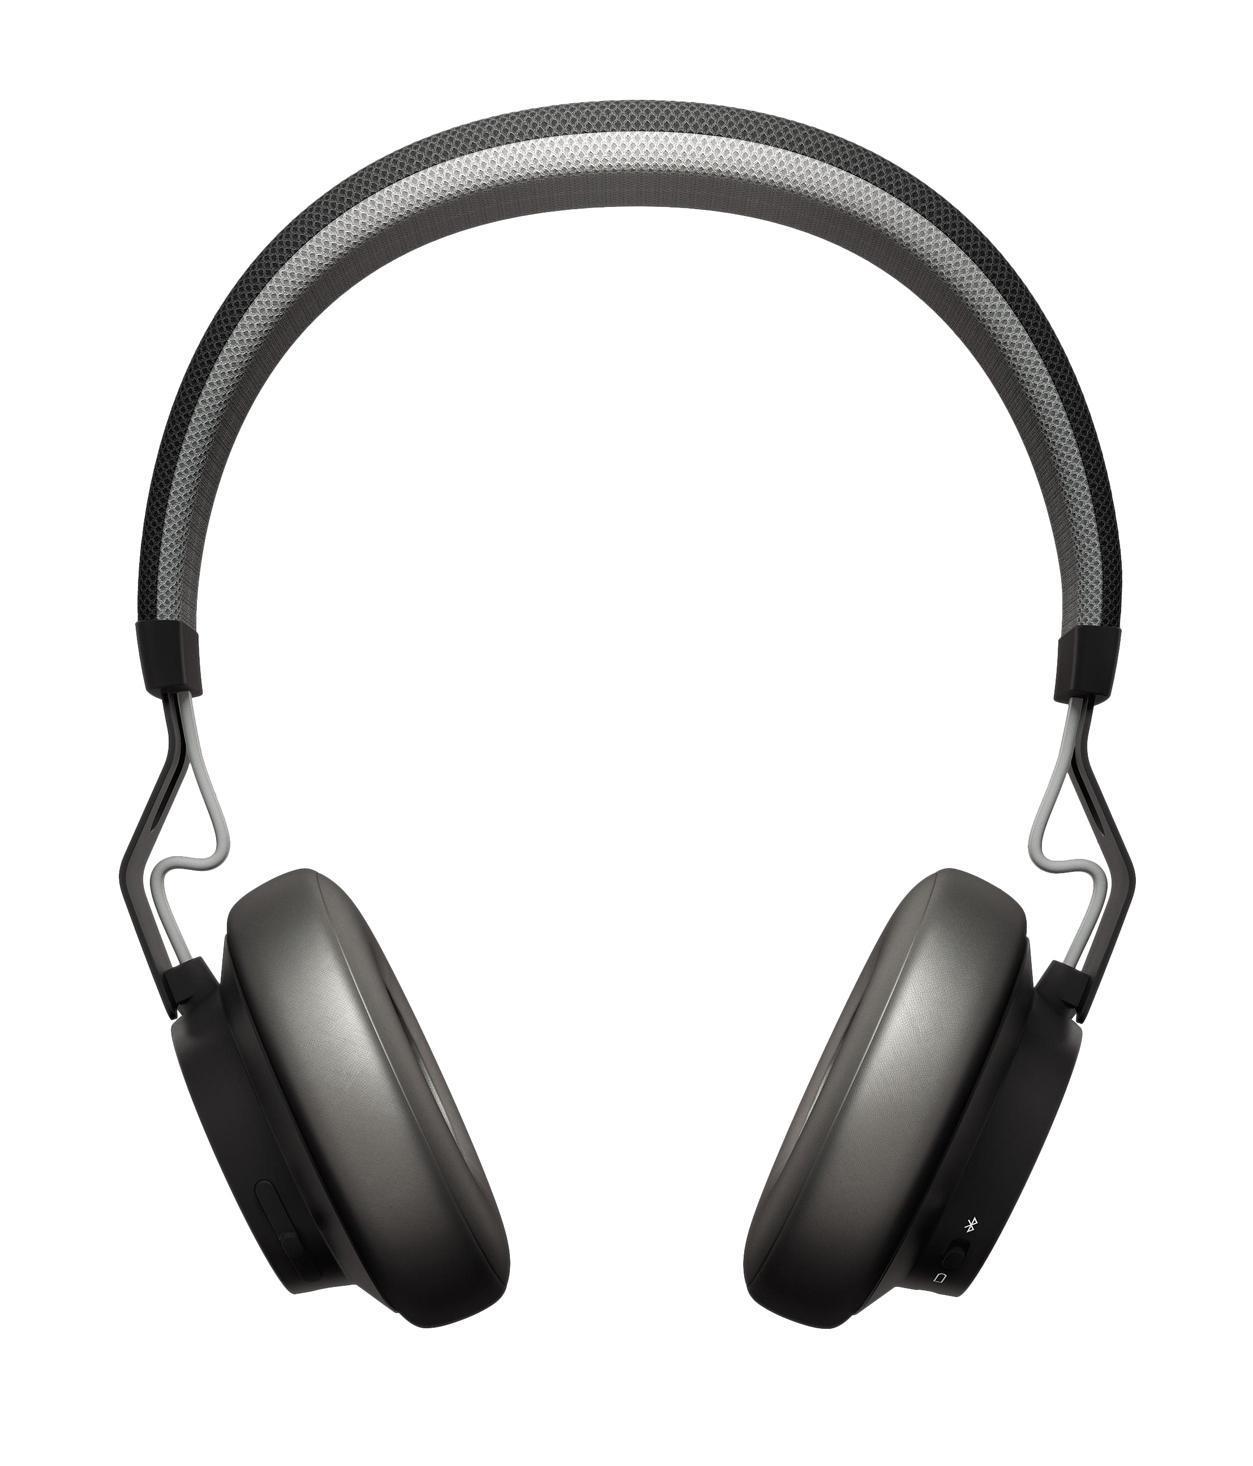 Jabra Move, Black Bluetooth гарнитура100-96300000-60Мощный звук для большого мира.Благодаря вкладу ведущих мировых специалистов по звуку в проектирование Jabra MoveWireless предлагают непревзойденное качество звука в категории беспроводных наушников. Фирменная цифровая обработка сигналов Jabra DSP обеспечивает четкий цифровой звук, открывающий истинную глубину и звучание любимой музыки. Созданные вдохновлять, СОЗДАННЫЕ ДЛЯ ЖИЗНИ.Скандинавский дизайн наушников Move Wireless с четкими, выверенными линиями. Мощь звучания и разнообразие функций. При выборе цветов мы черпали вдохновение из огней и красок современного мегаполиса, а при разработке ультралегкого регулируемого оголовья стремились сделать его более удобным для ношения и максимально долговечным. Move Wireless дарит вам звуки музыки, где бы вы не находились.Пора оставить провода дома.Беспроводные технологии еще никогда не дарили столько свободы. Move Wireless просты в подключении, вы можете держать свой телефон в кармане и управлять музыкой и звонками прямо с наушников. Это идеальное решение для сегодняшнего образа жизни - в движении.